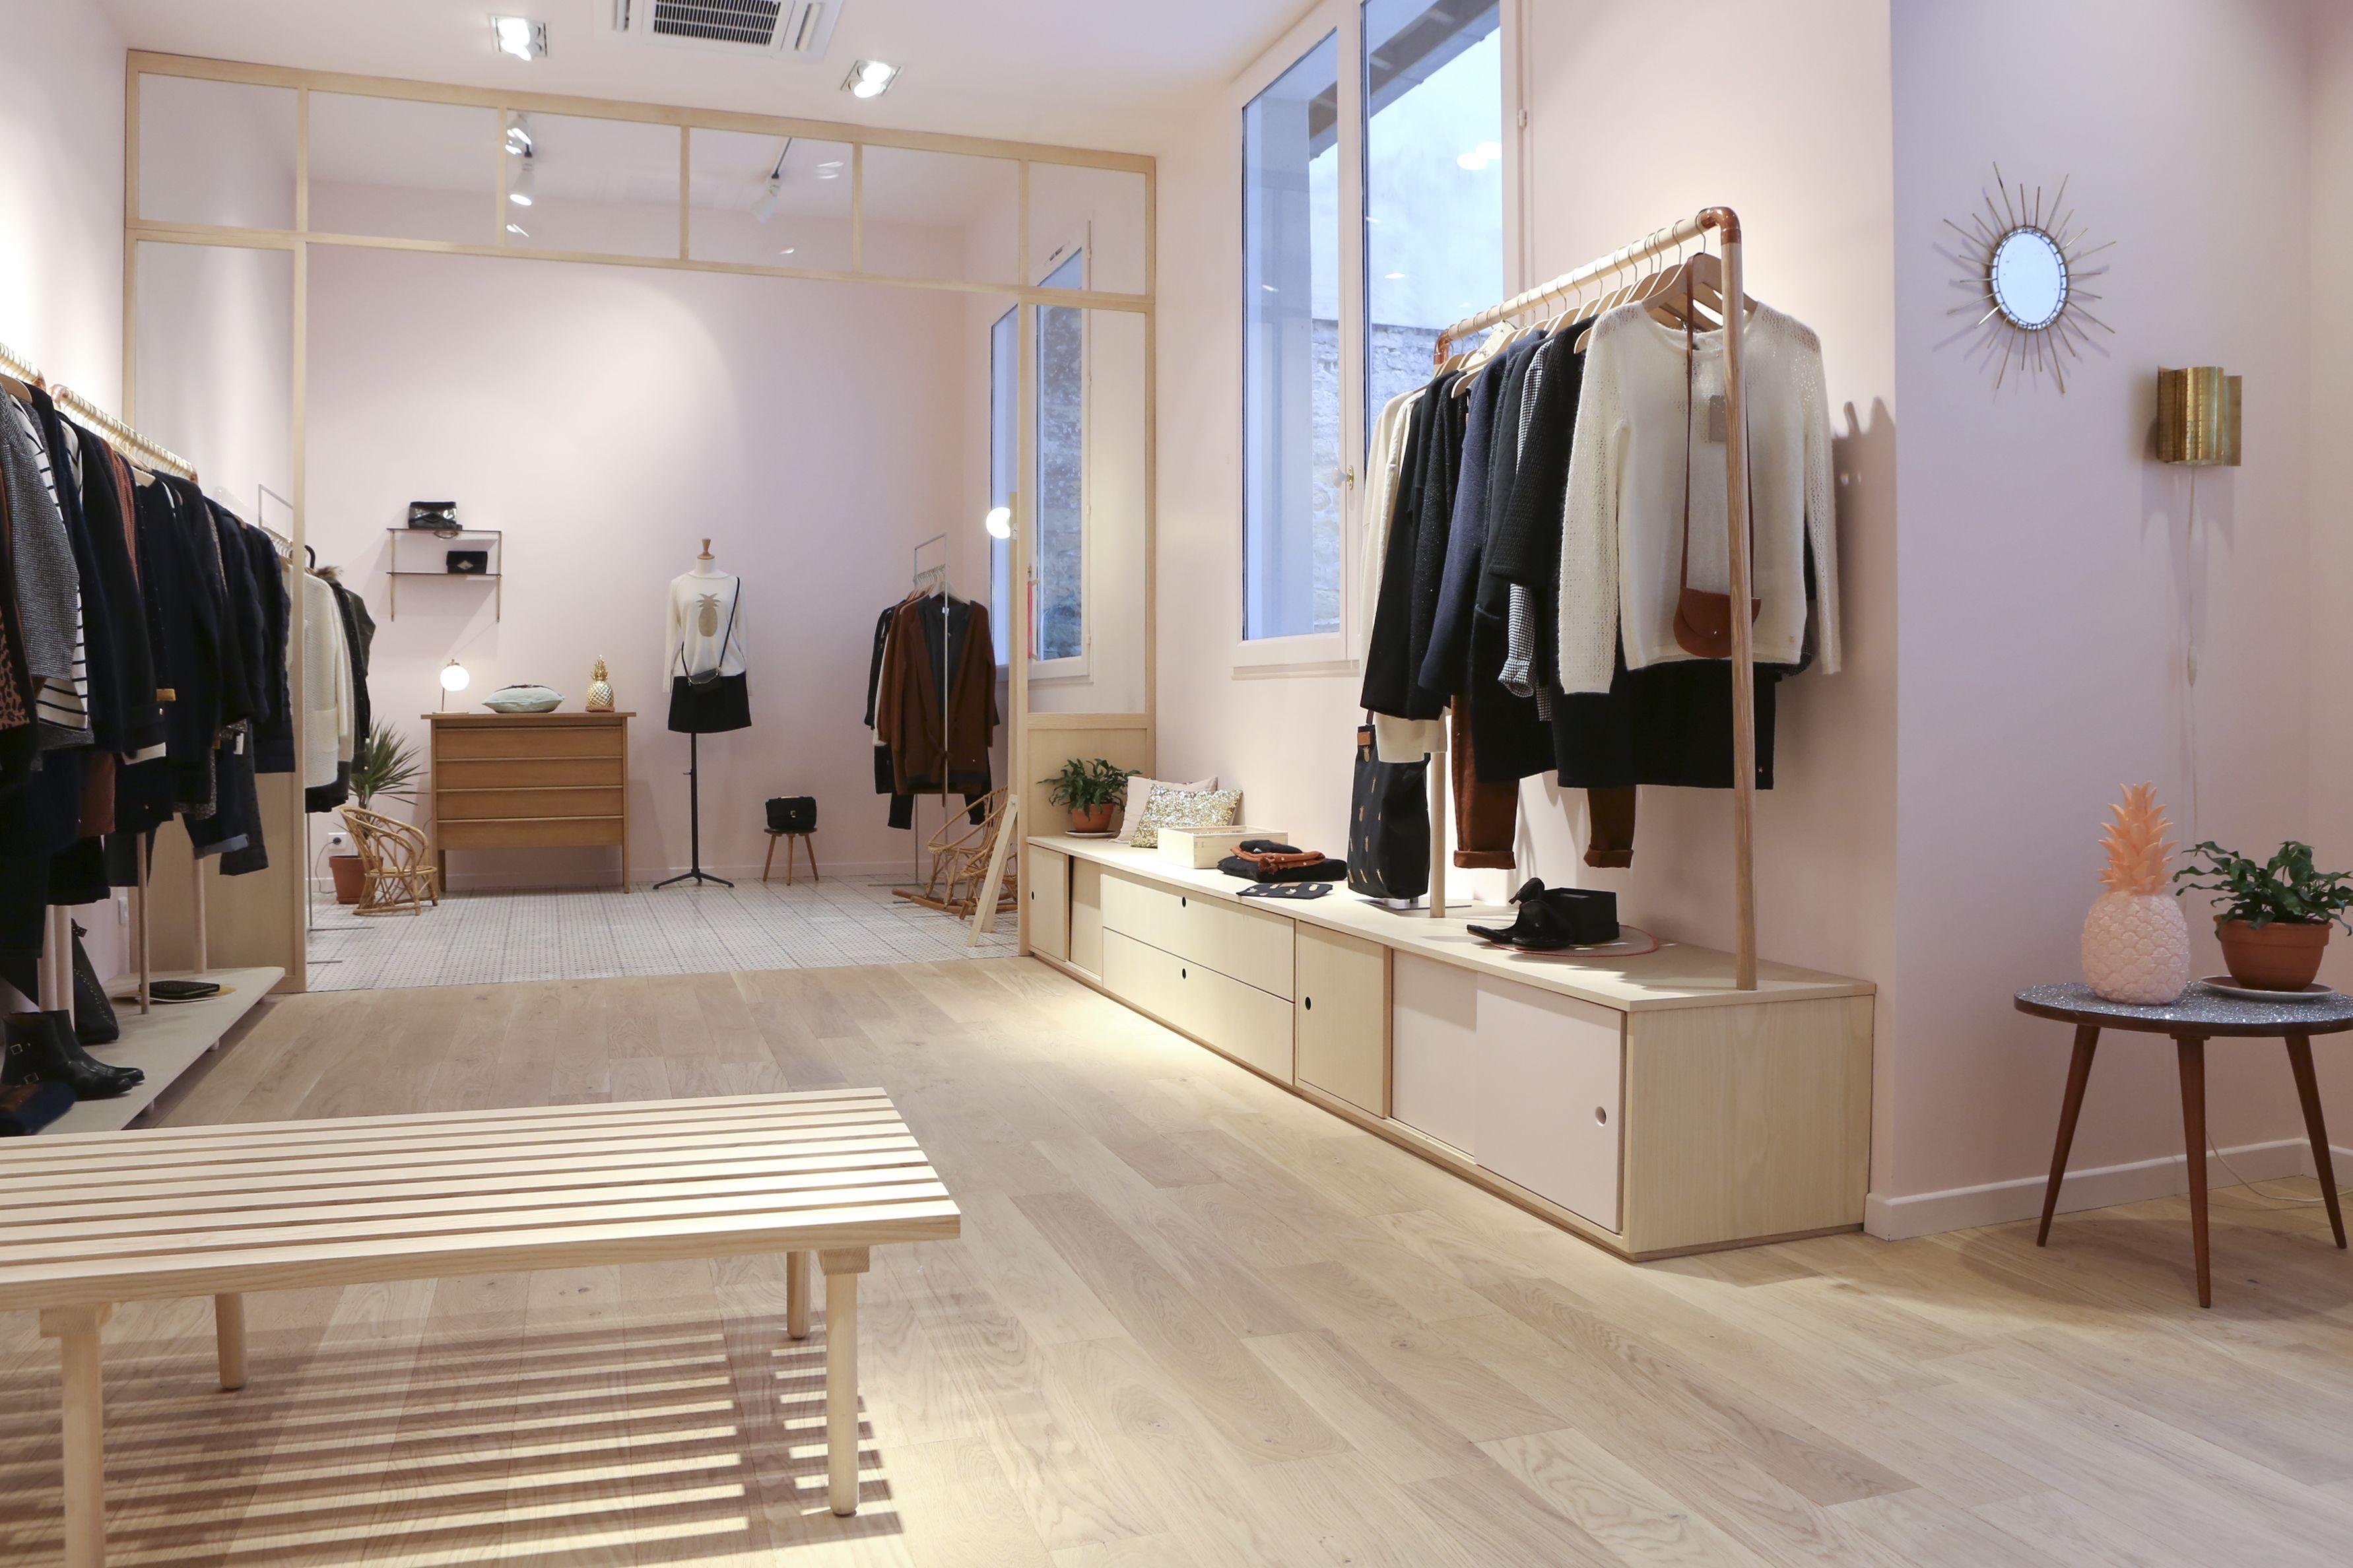 Boutique Des Petits Hauts Rue Keller Paris 11e Deco Salon Maison Amenagement Bureau